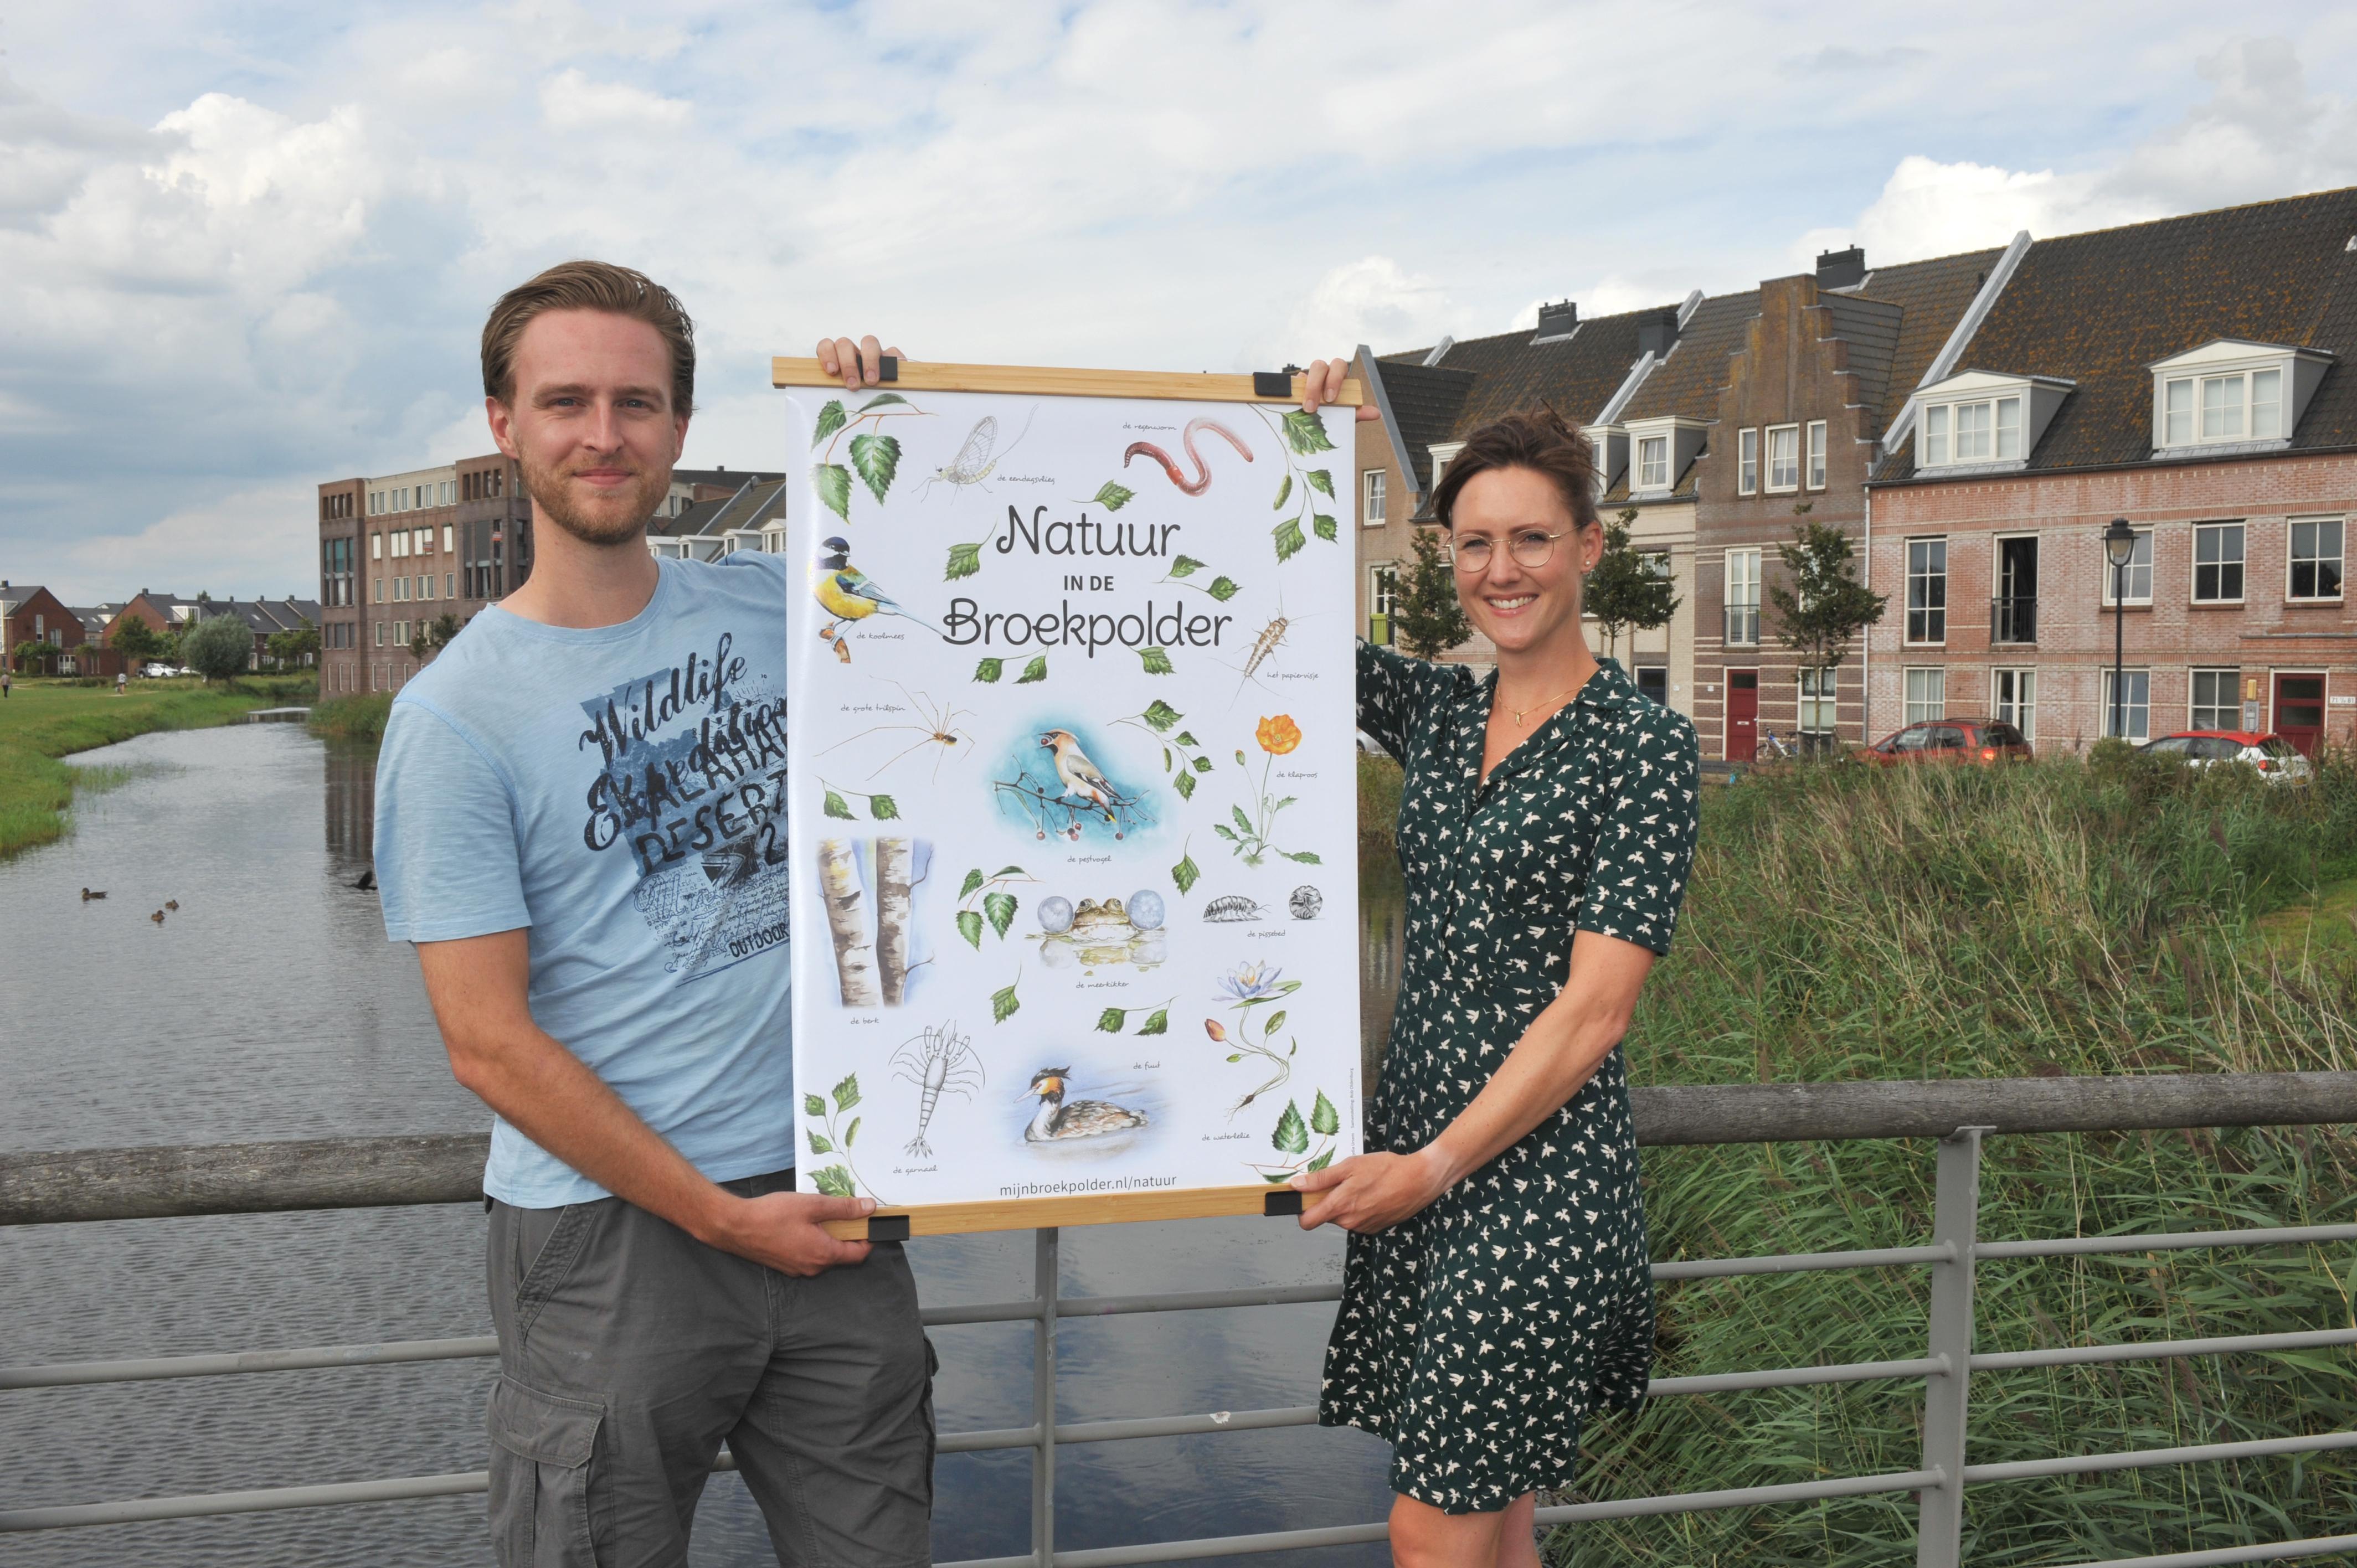 De wijk Broekpolder in Beverwijk en Heemskerk is een unieke biotoop. 'Wat de natuur hier zo bijzonder maakt is dat er ook heel veel water is.' Maar je moet er geen garnalen eten, ook niet met cocktailsaus